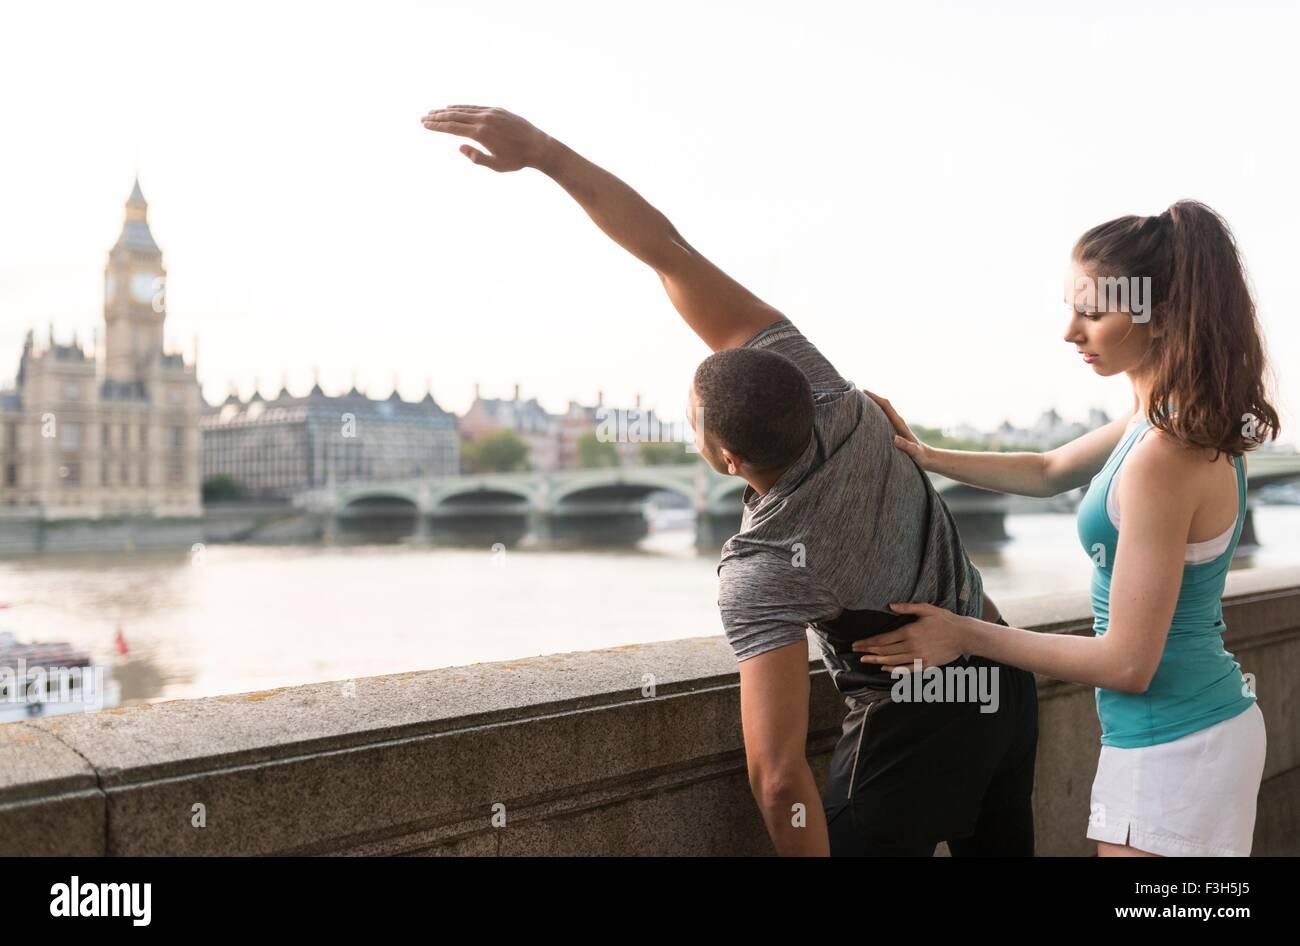 Los corredores masculinos y femeninos del calentamiento en Southbank, Londres, Reino Unido. Imagen De Stock